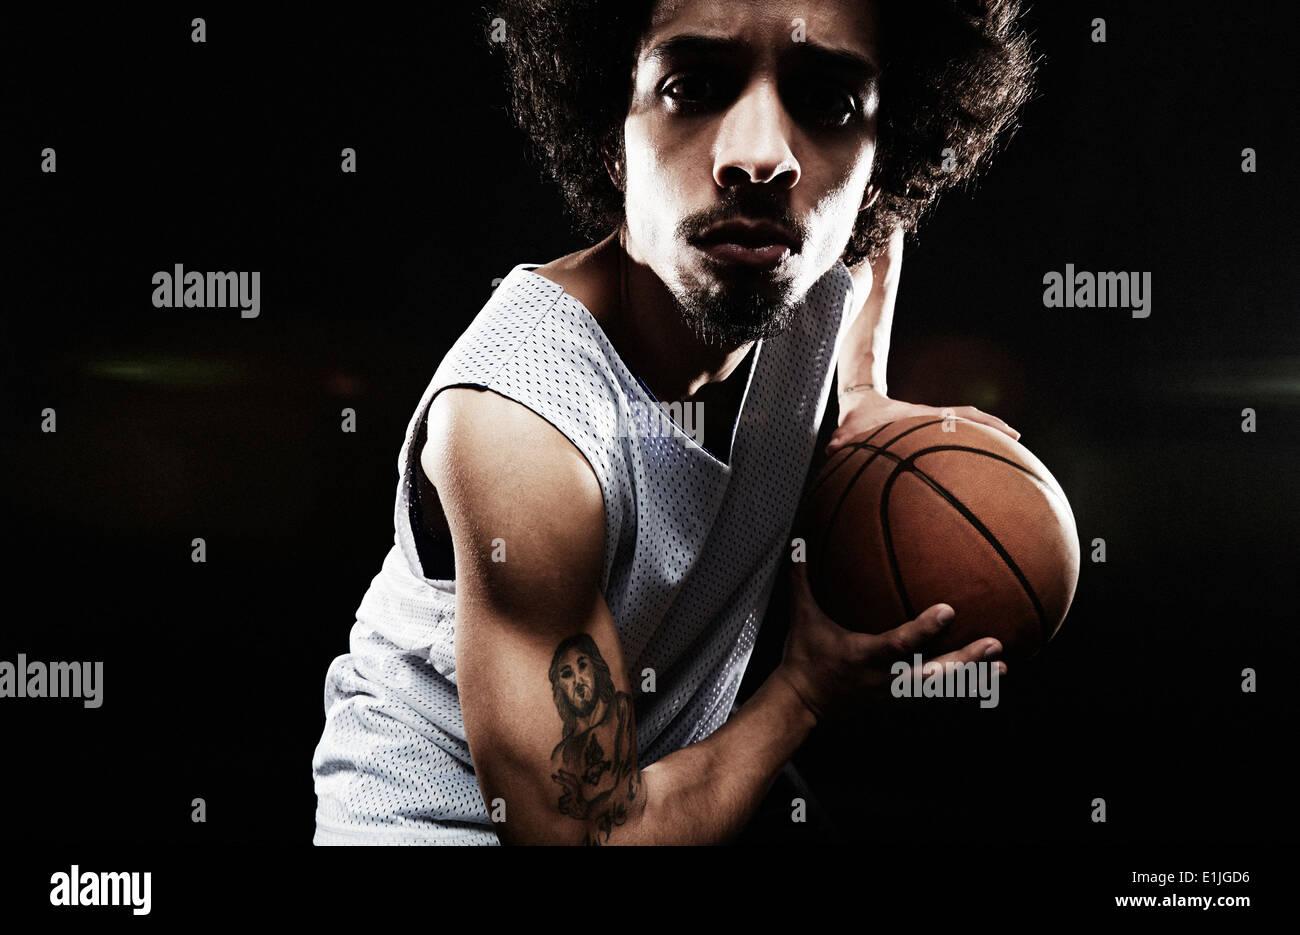 Basketball player holding basketball - Stock Image